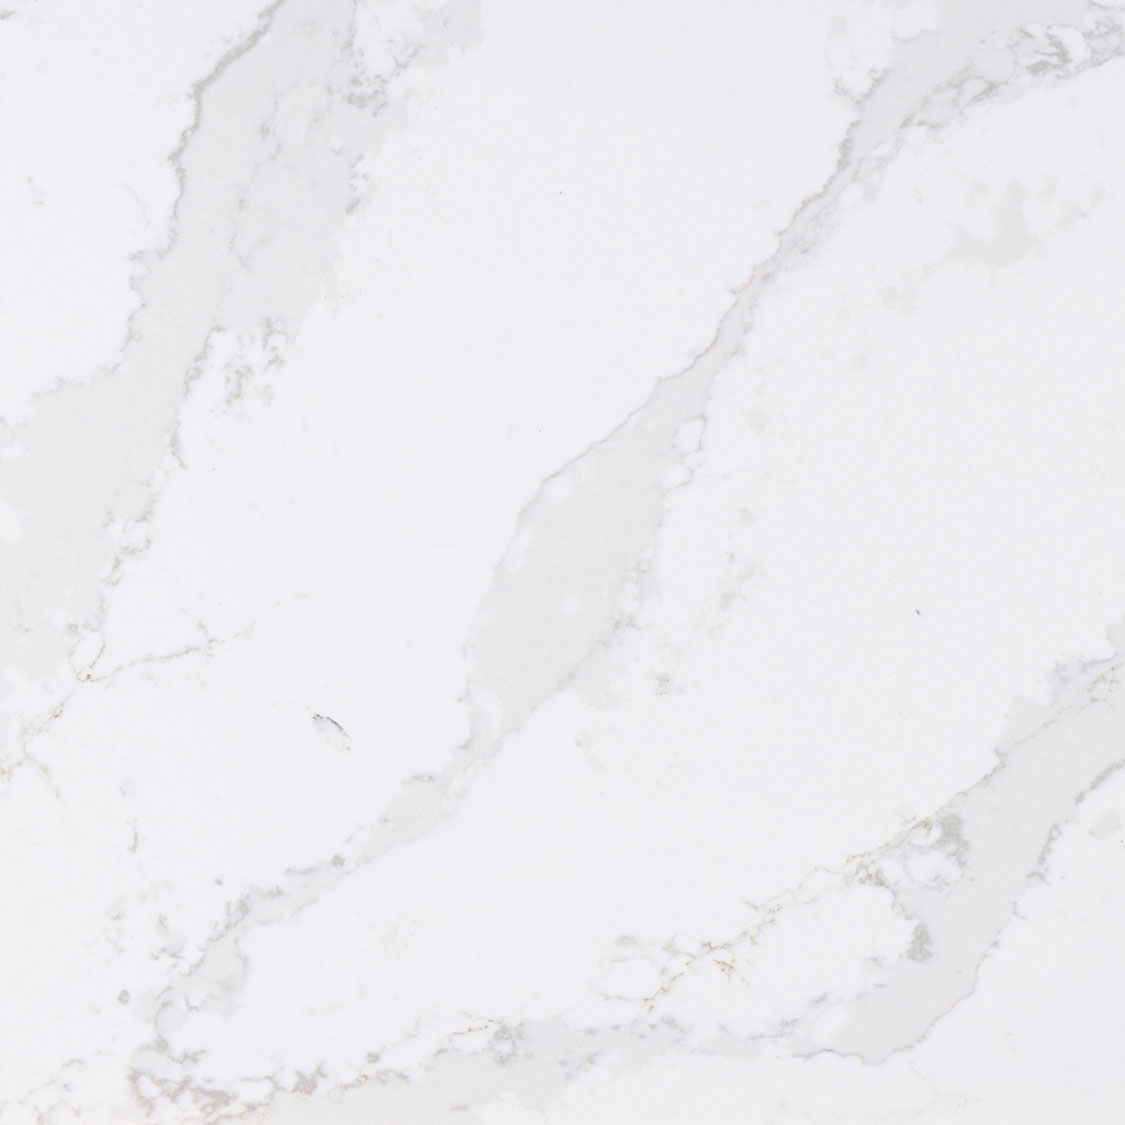 サイルストーン SILESTONE Calacatta Gold カラカッタ・ゴールド